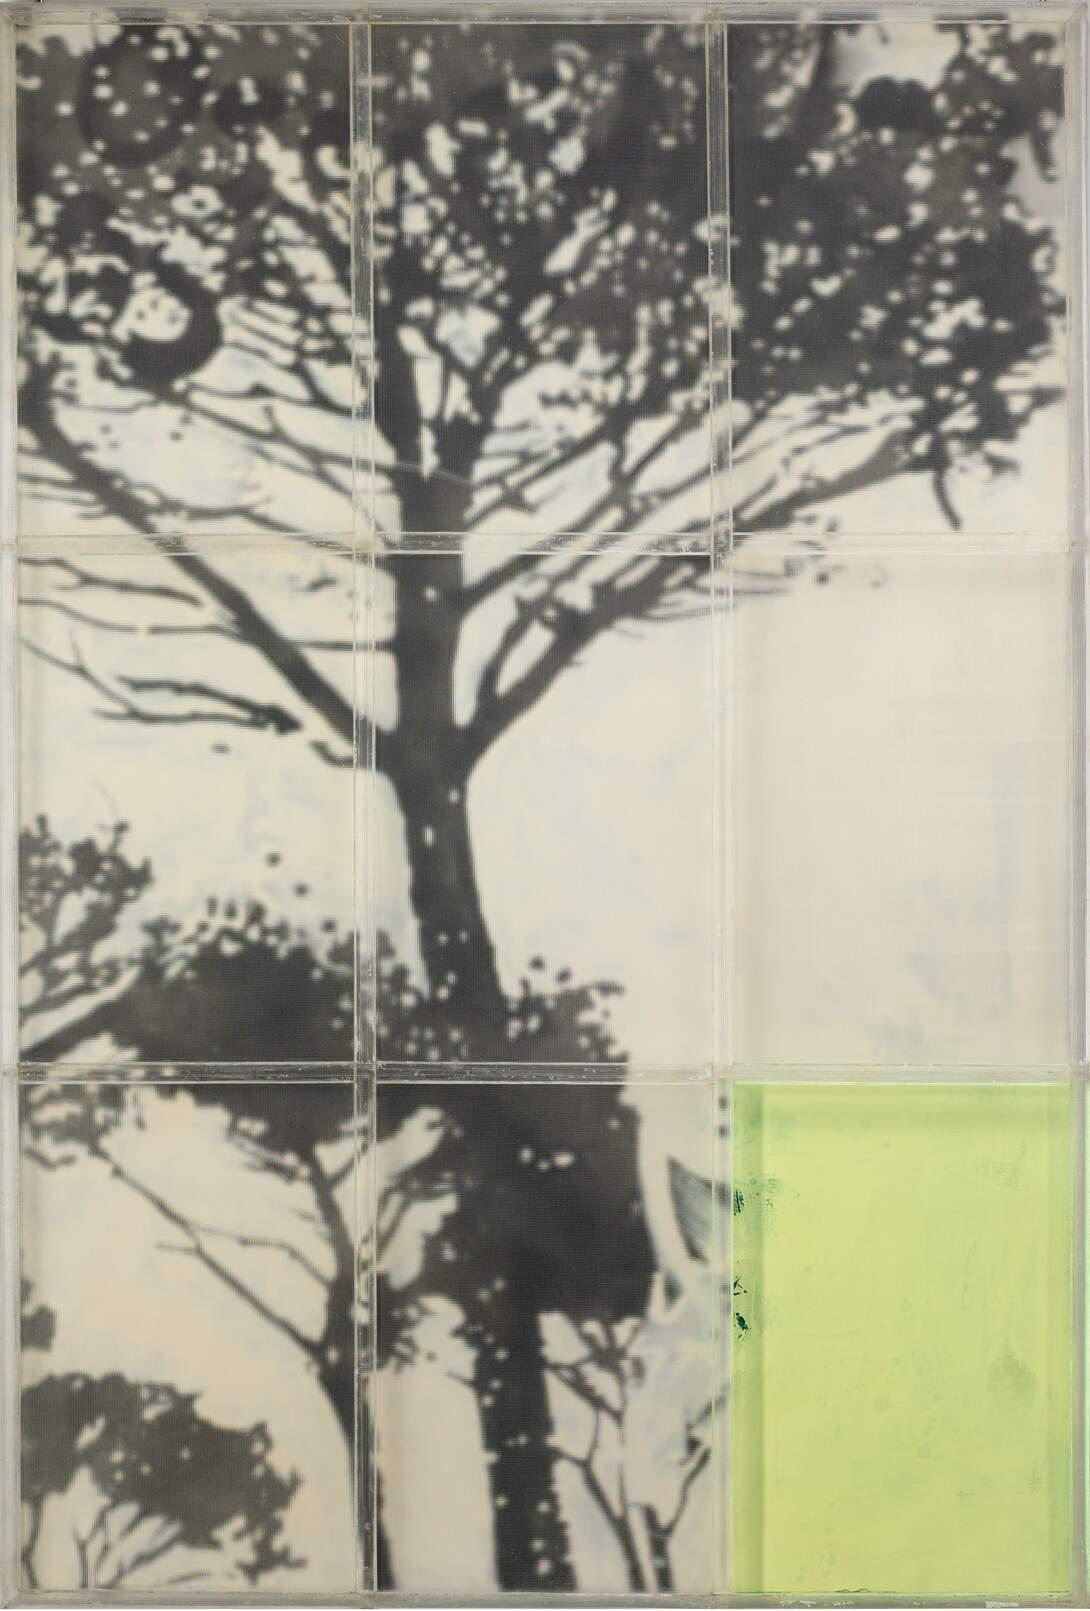 Mario Schifano, Ossigeno ossigeno (1965) Courtesy Sotheby's